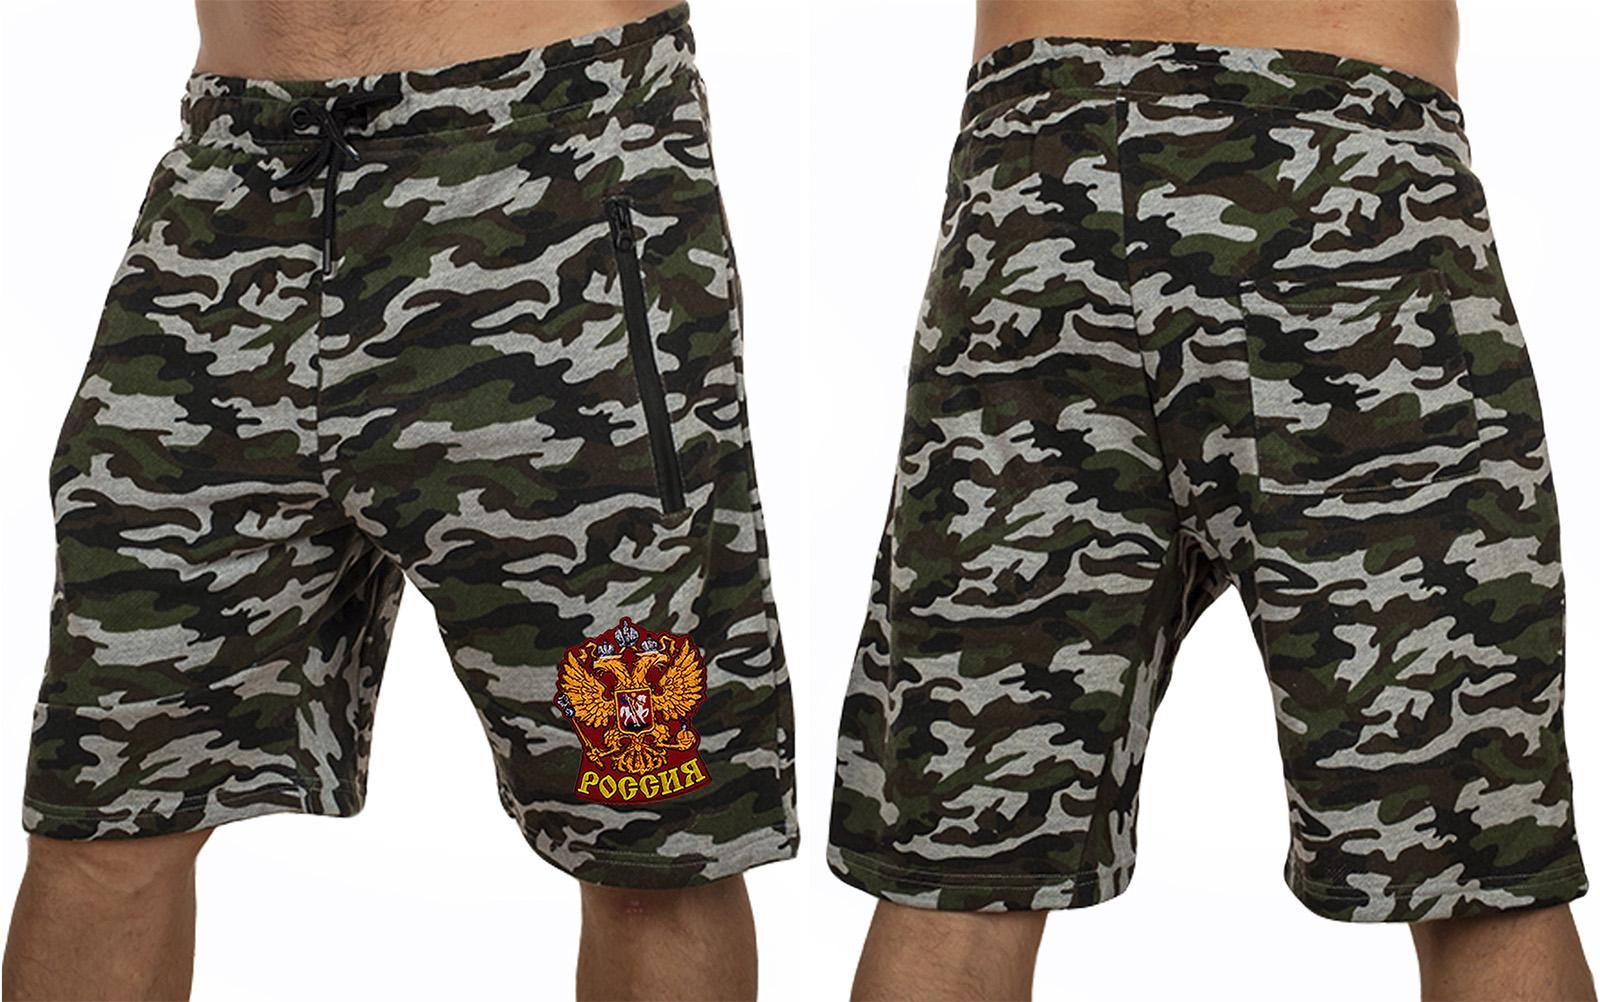 Армейские шорты удлиненного фасона с нашивкой Россия - заказать оптом